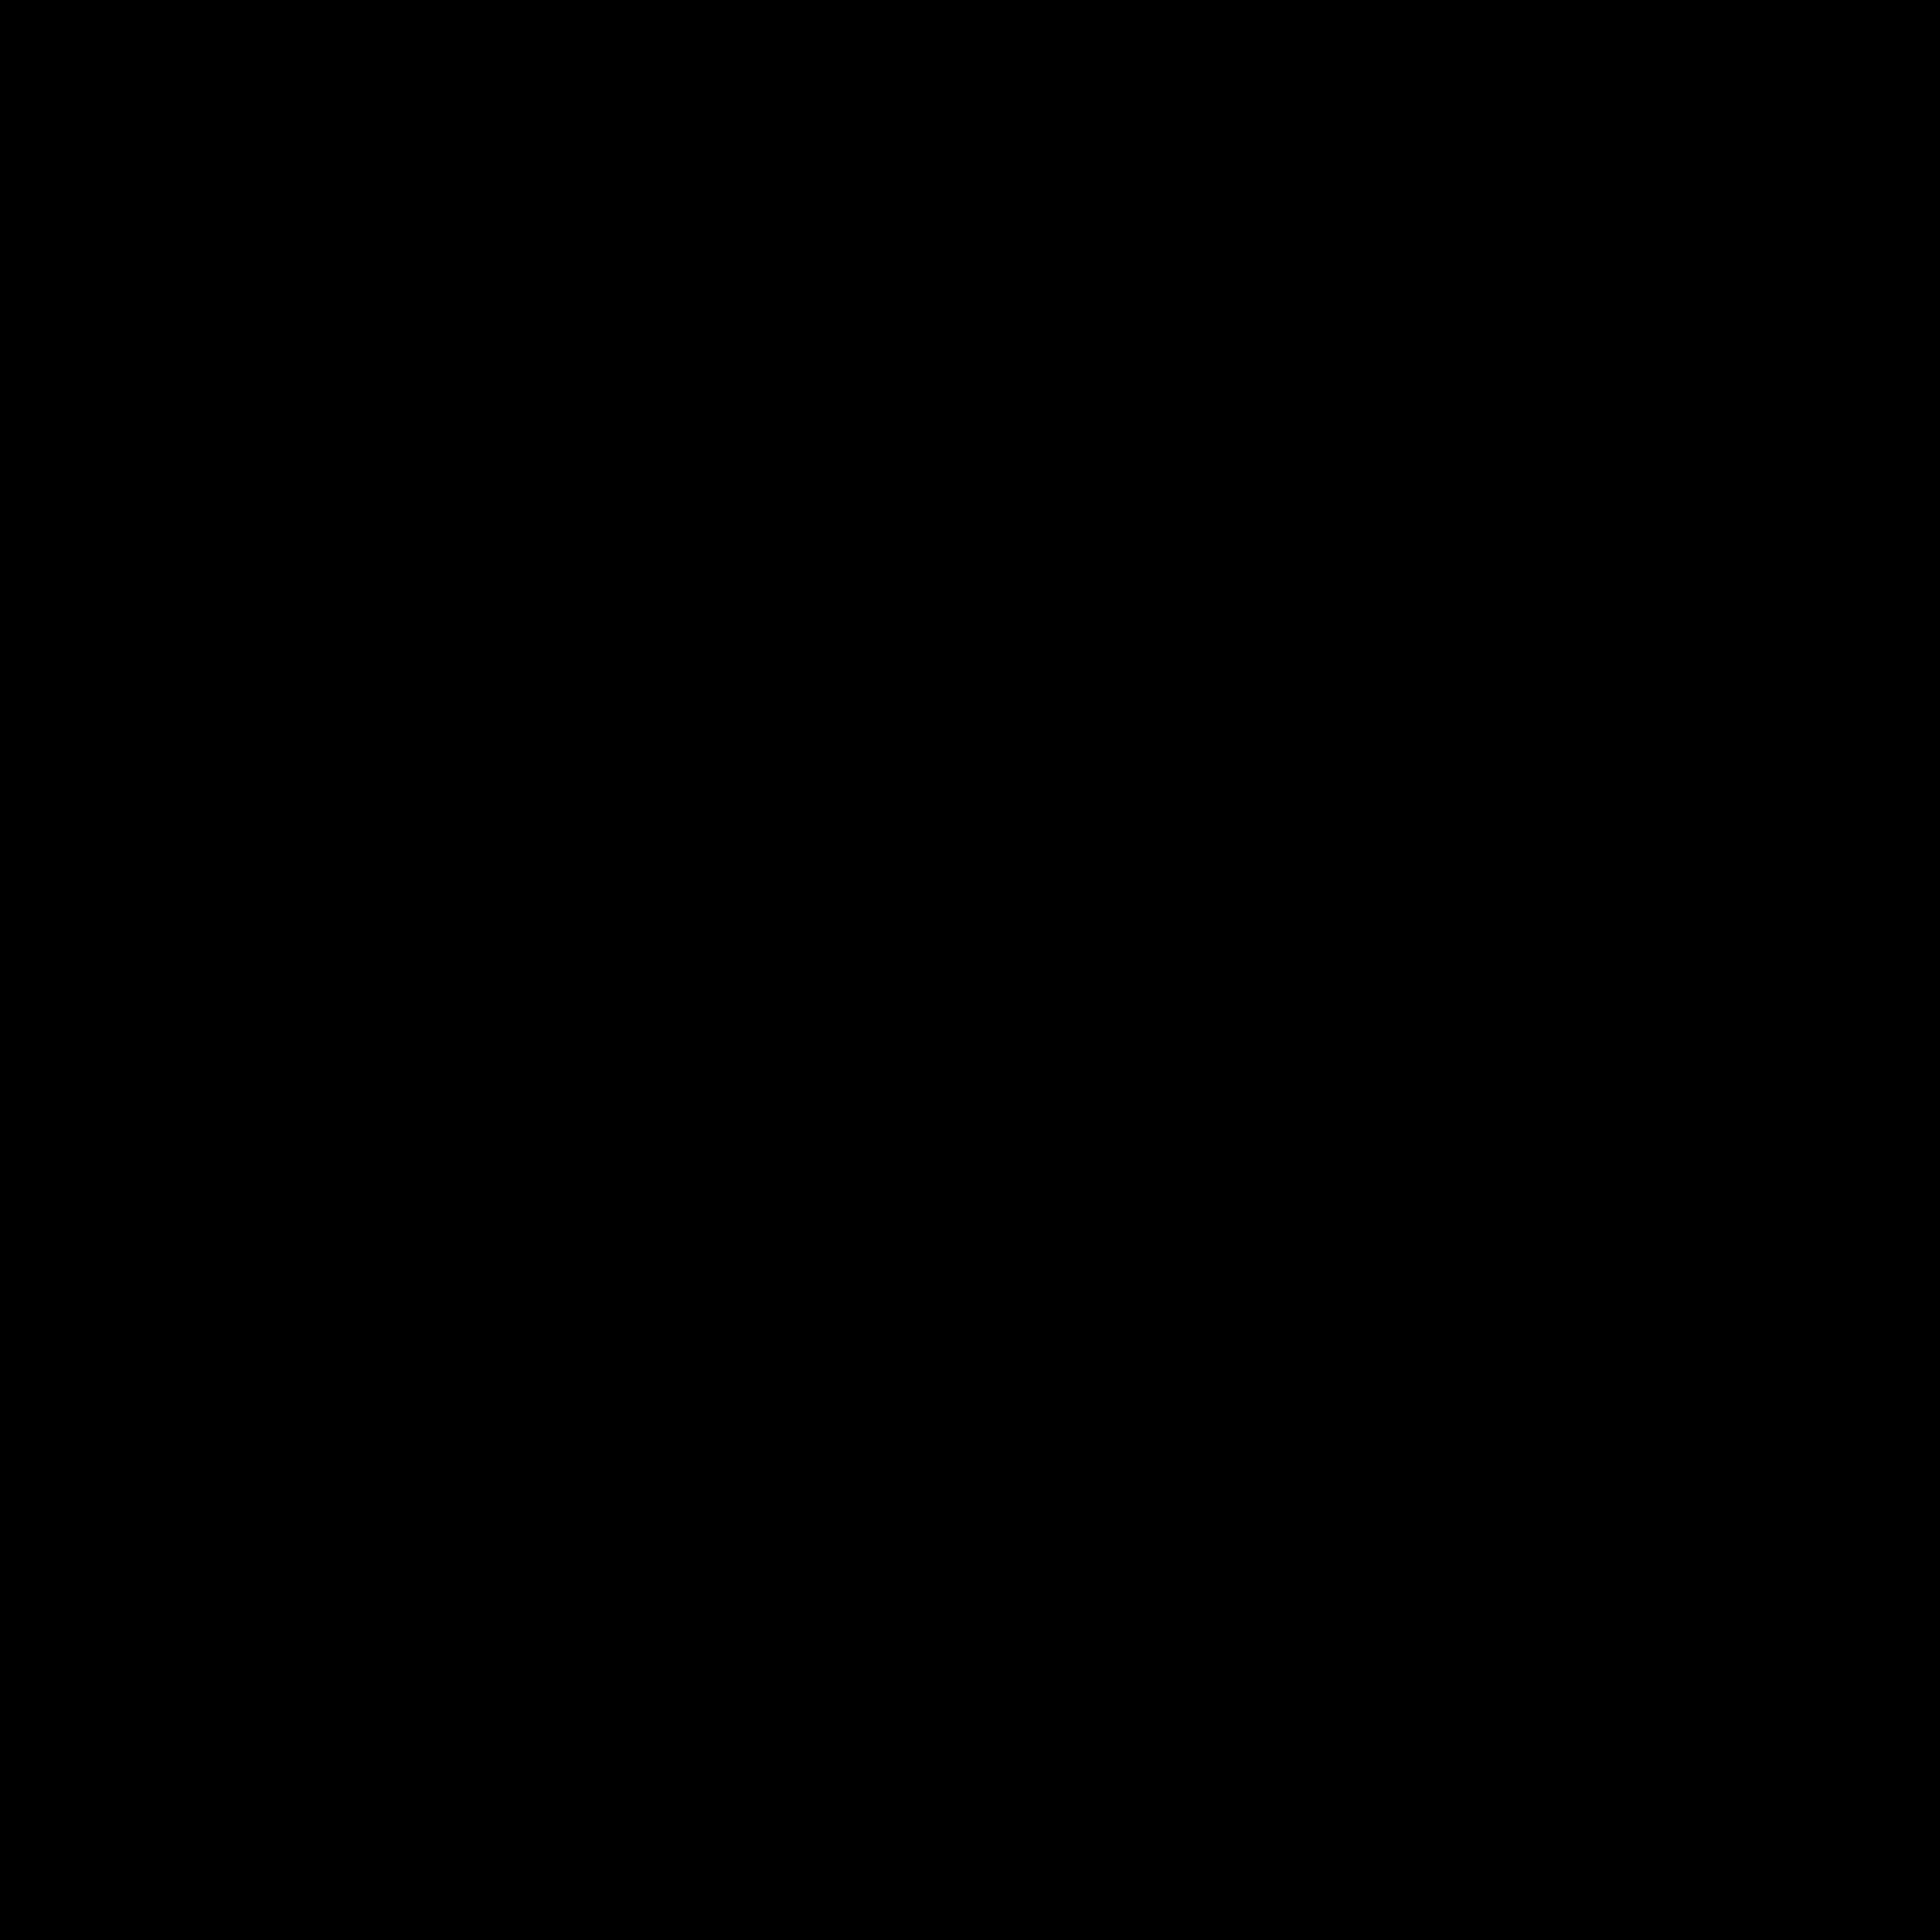 24.253-BF Foundations Black Logo_vv_07.23.2018